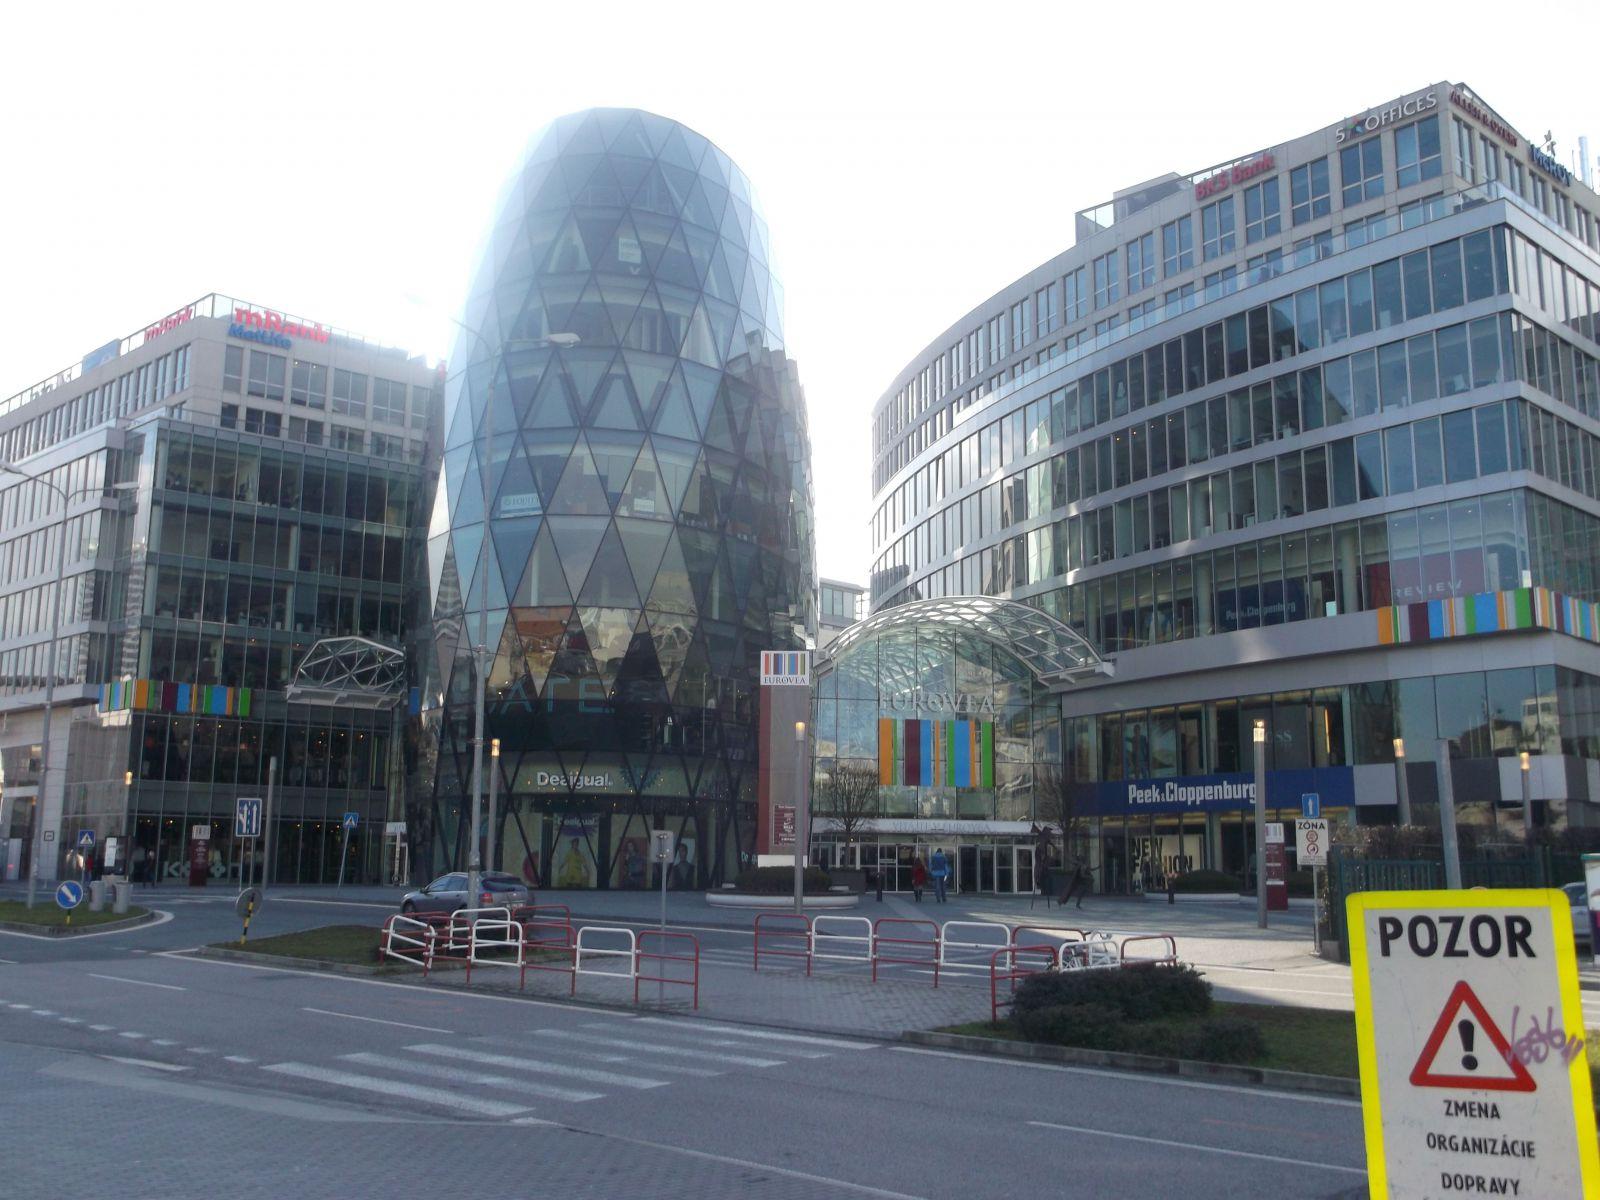 Eurovea Galleria. Porovnali sme bratislavské obchodné centrá  Kam sa cesta  oplatí  791e1763134